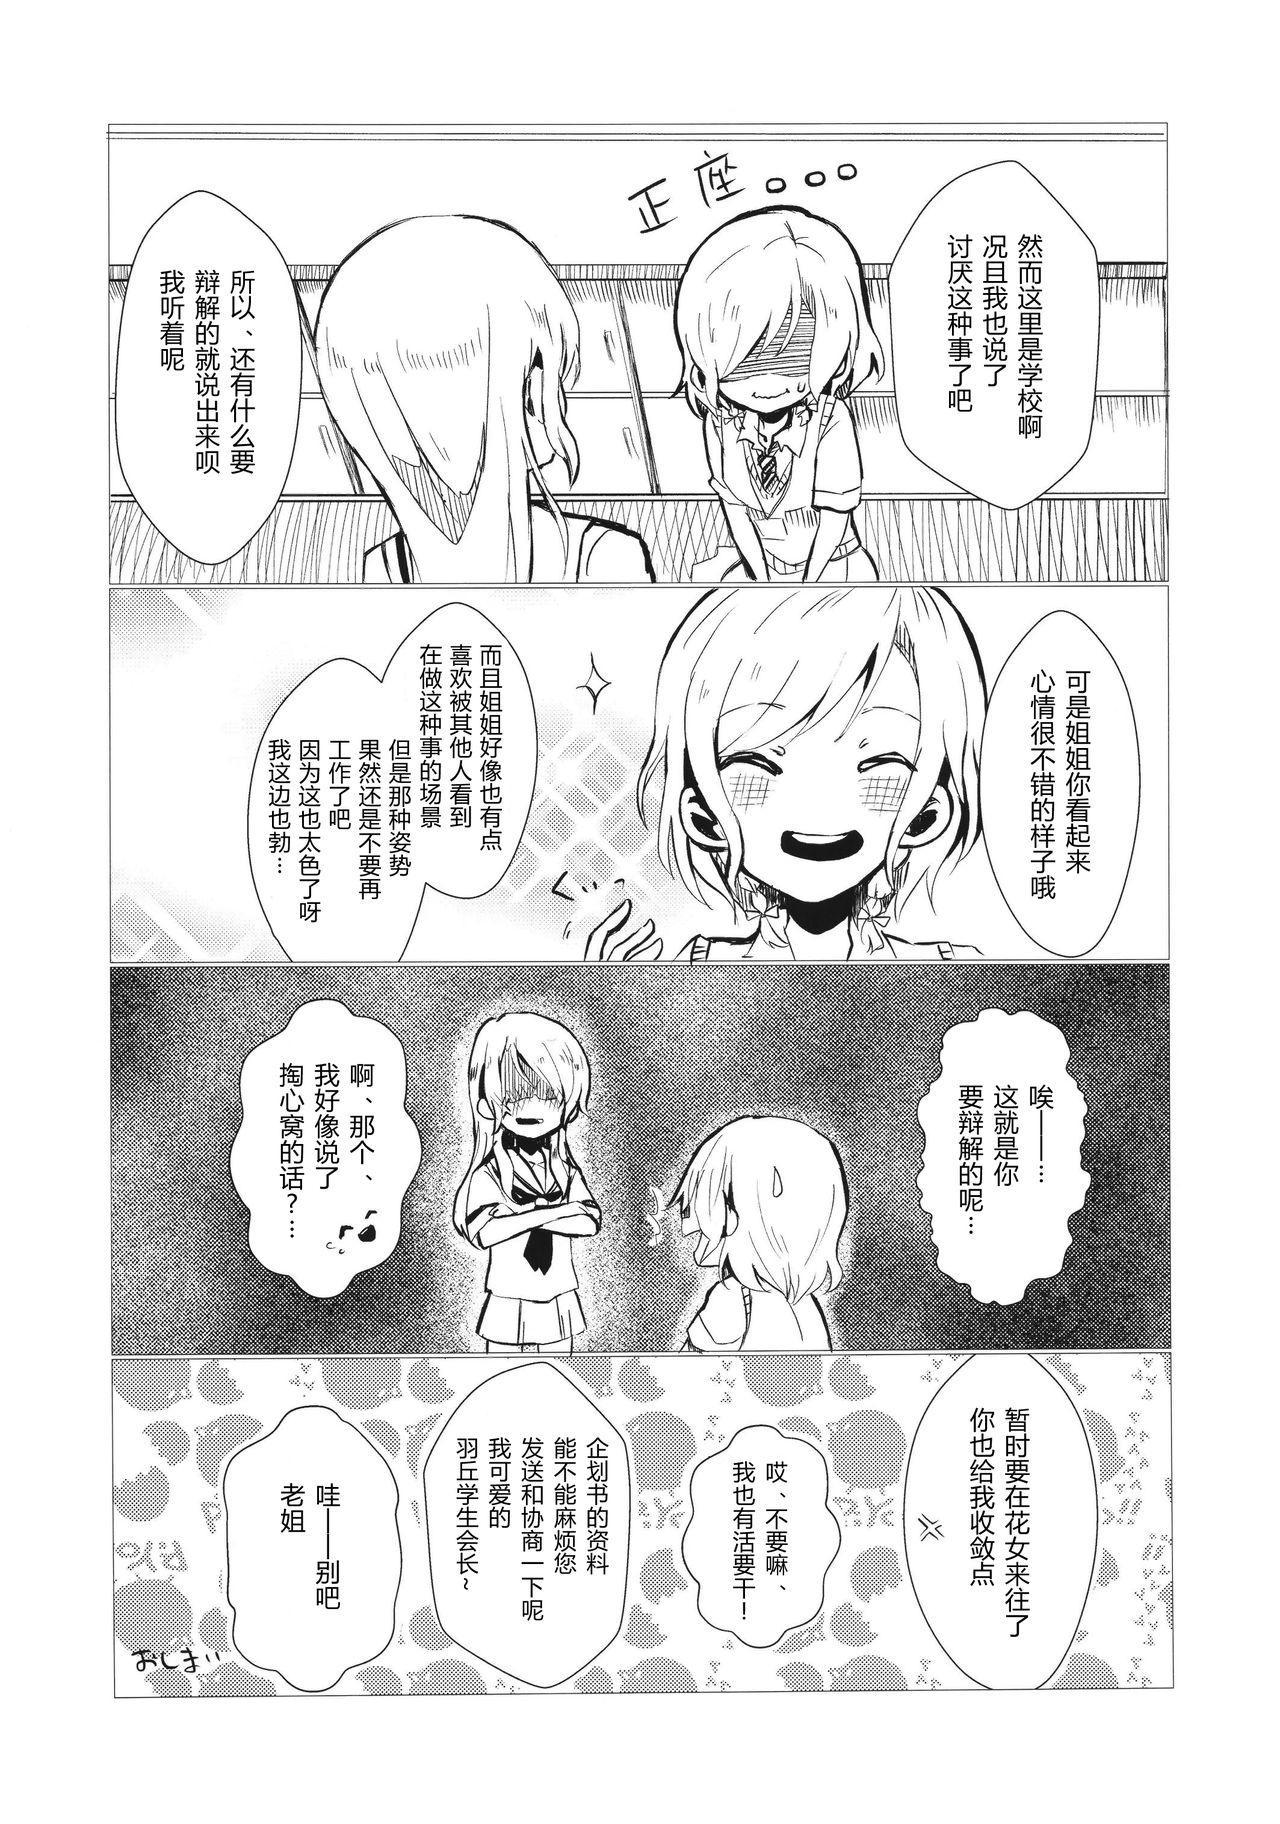 氷川姉妹18禁合同「今日は一緒に寝てもいい?」 38